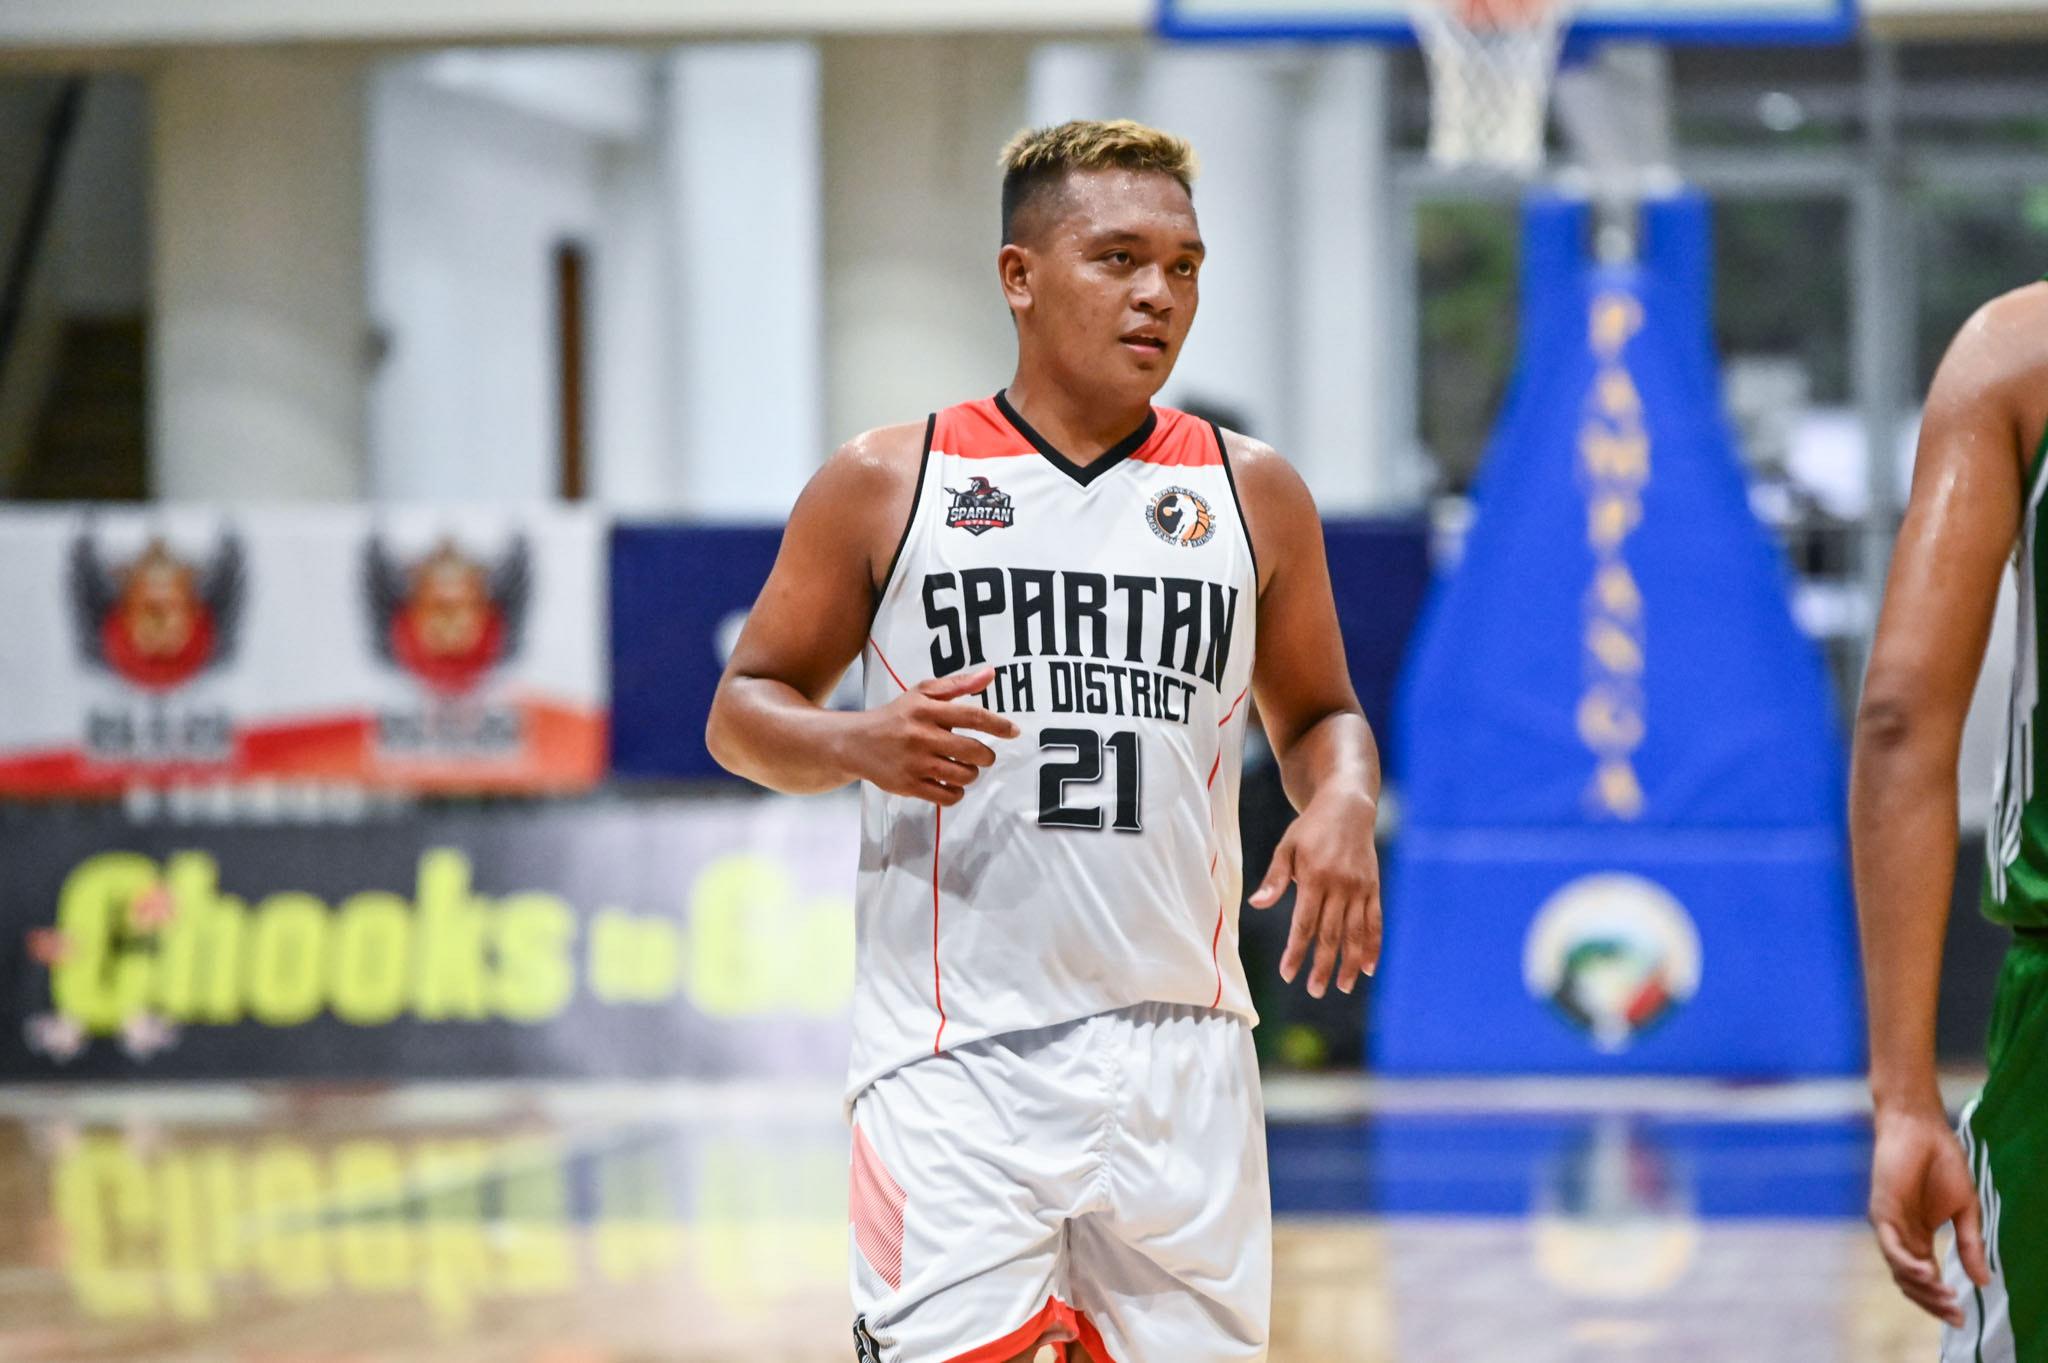 2021-Chooks-NBL-Sulong-Stan-vs-Quezon-KHENTH-GUIAB Barons pound Sulong Stan D4 in NBL battle of Quezon Basketball NBL News  - philippine sports news